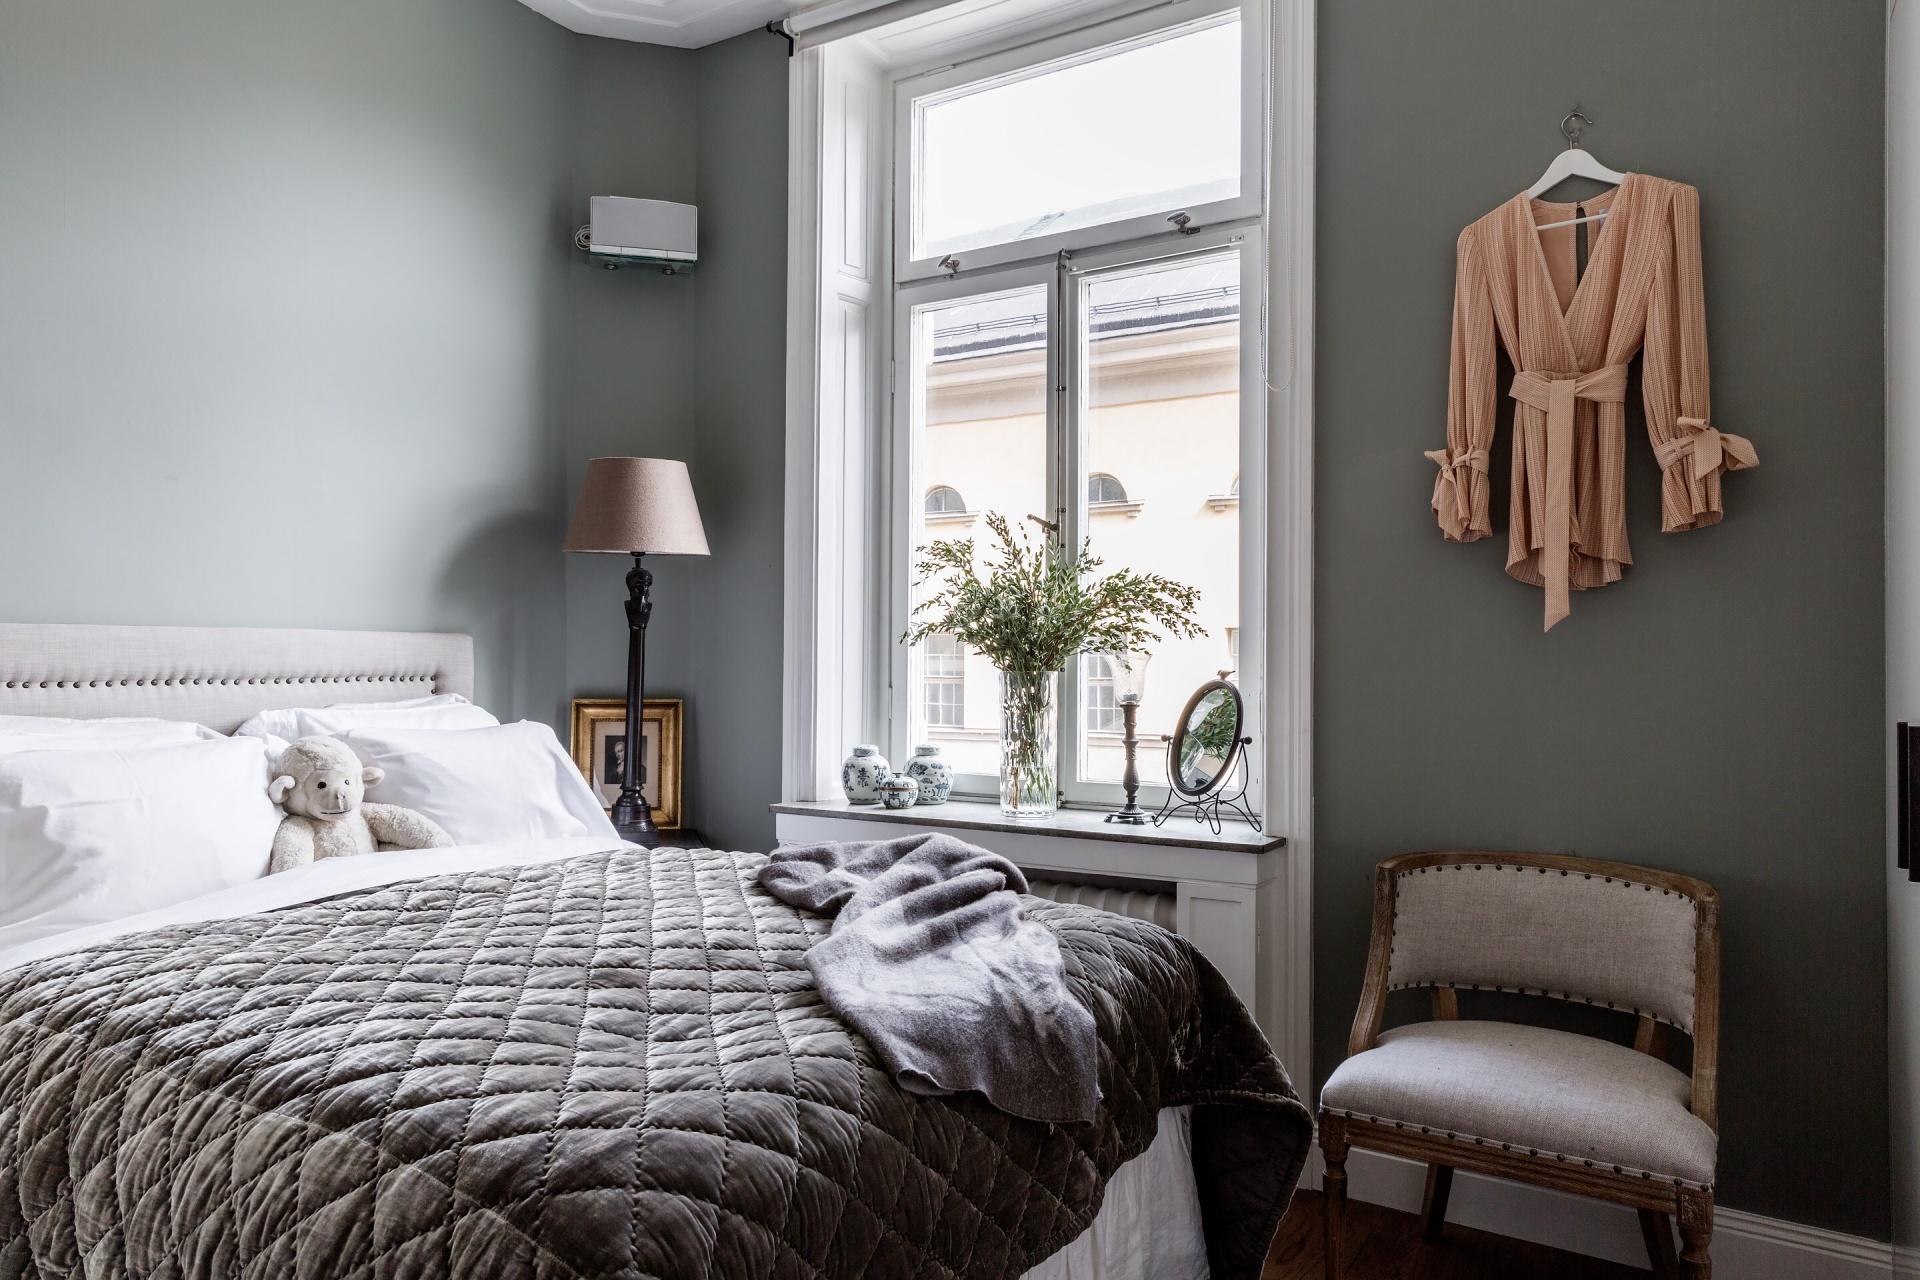 спальня кровать изголовье прикроватные столики лампа лкно